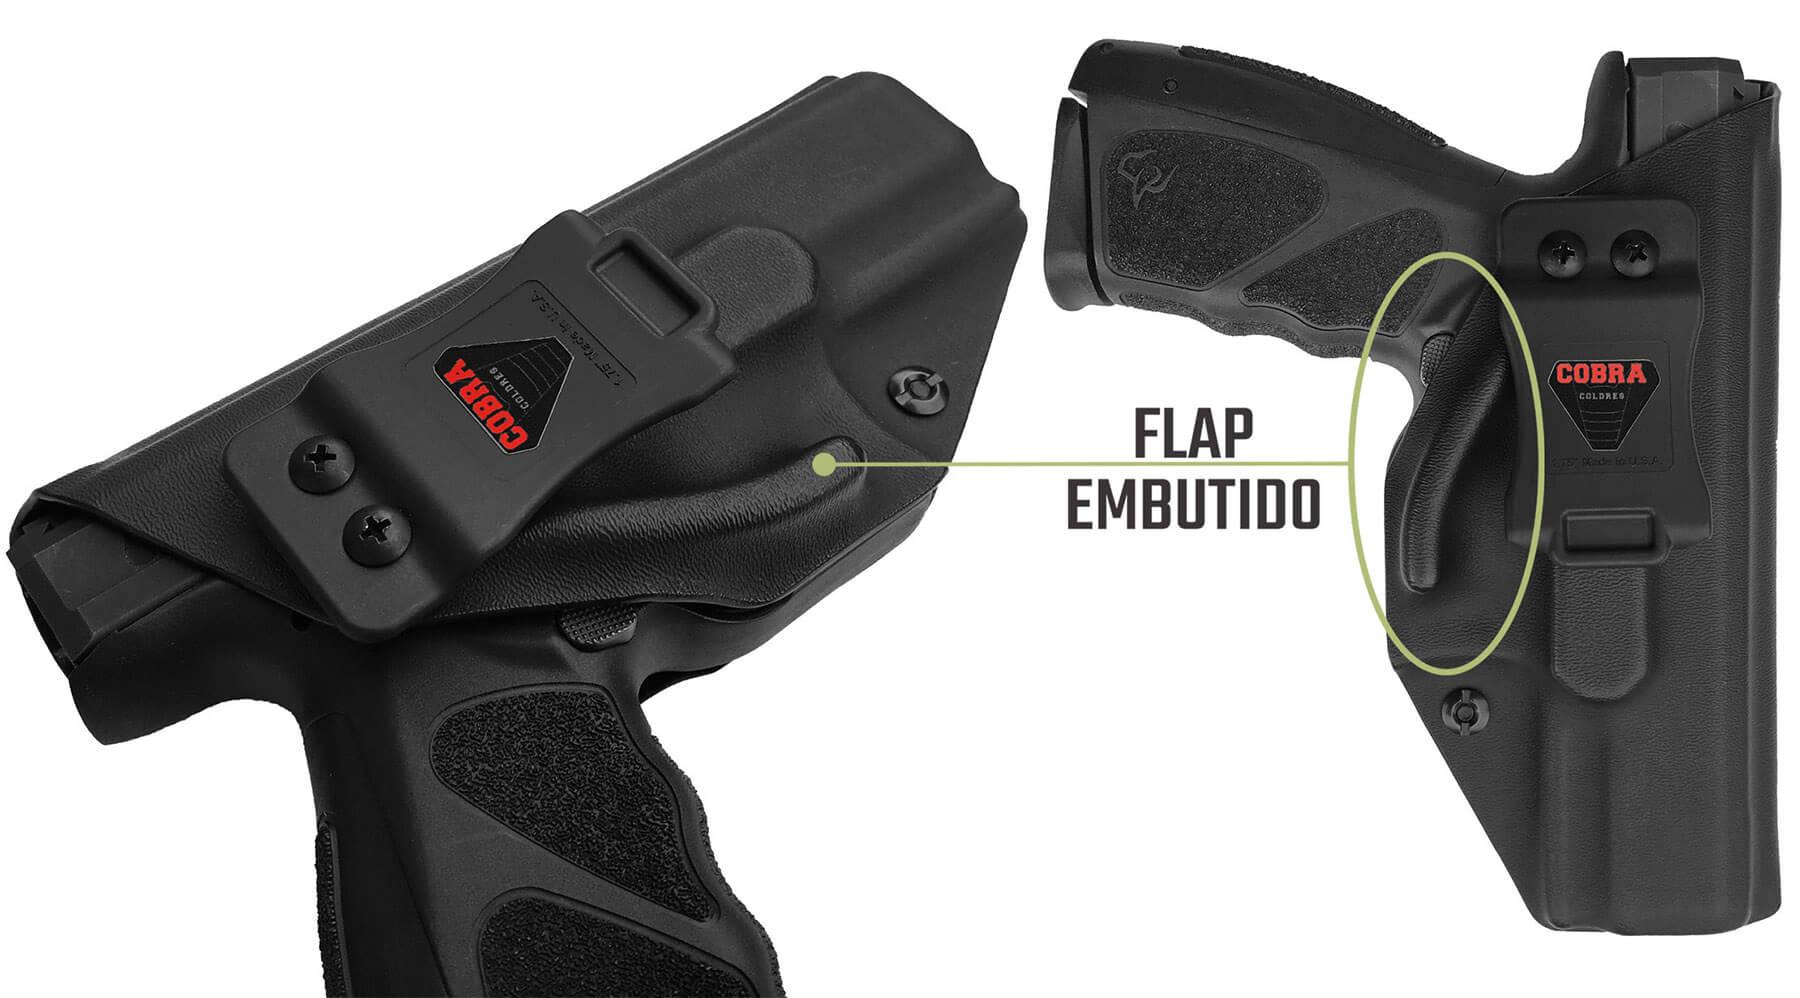 Coldre [TS9] [TS] Kydex® Com Flap + 2 Porta-Carregadores - Taurus Striker - Slim - Saque Rápido Velado